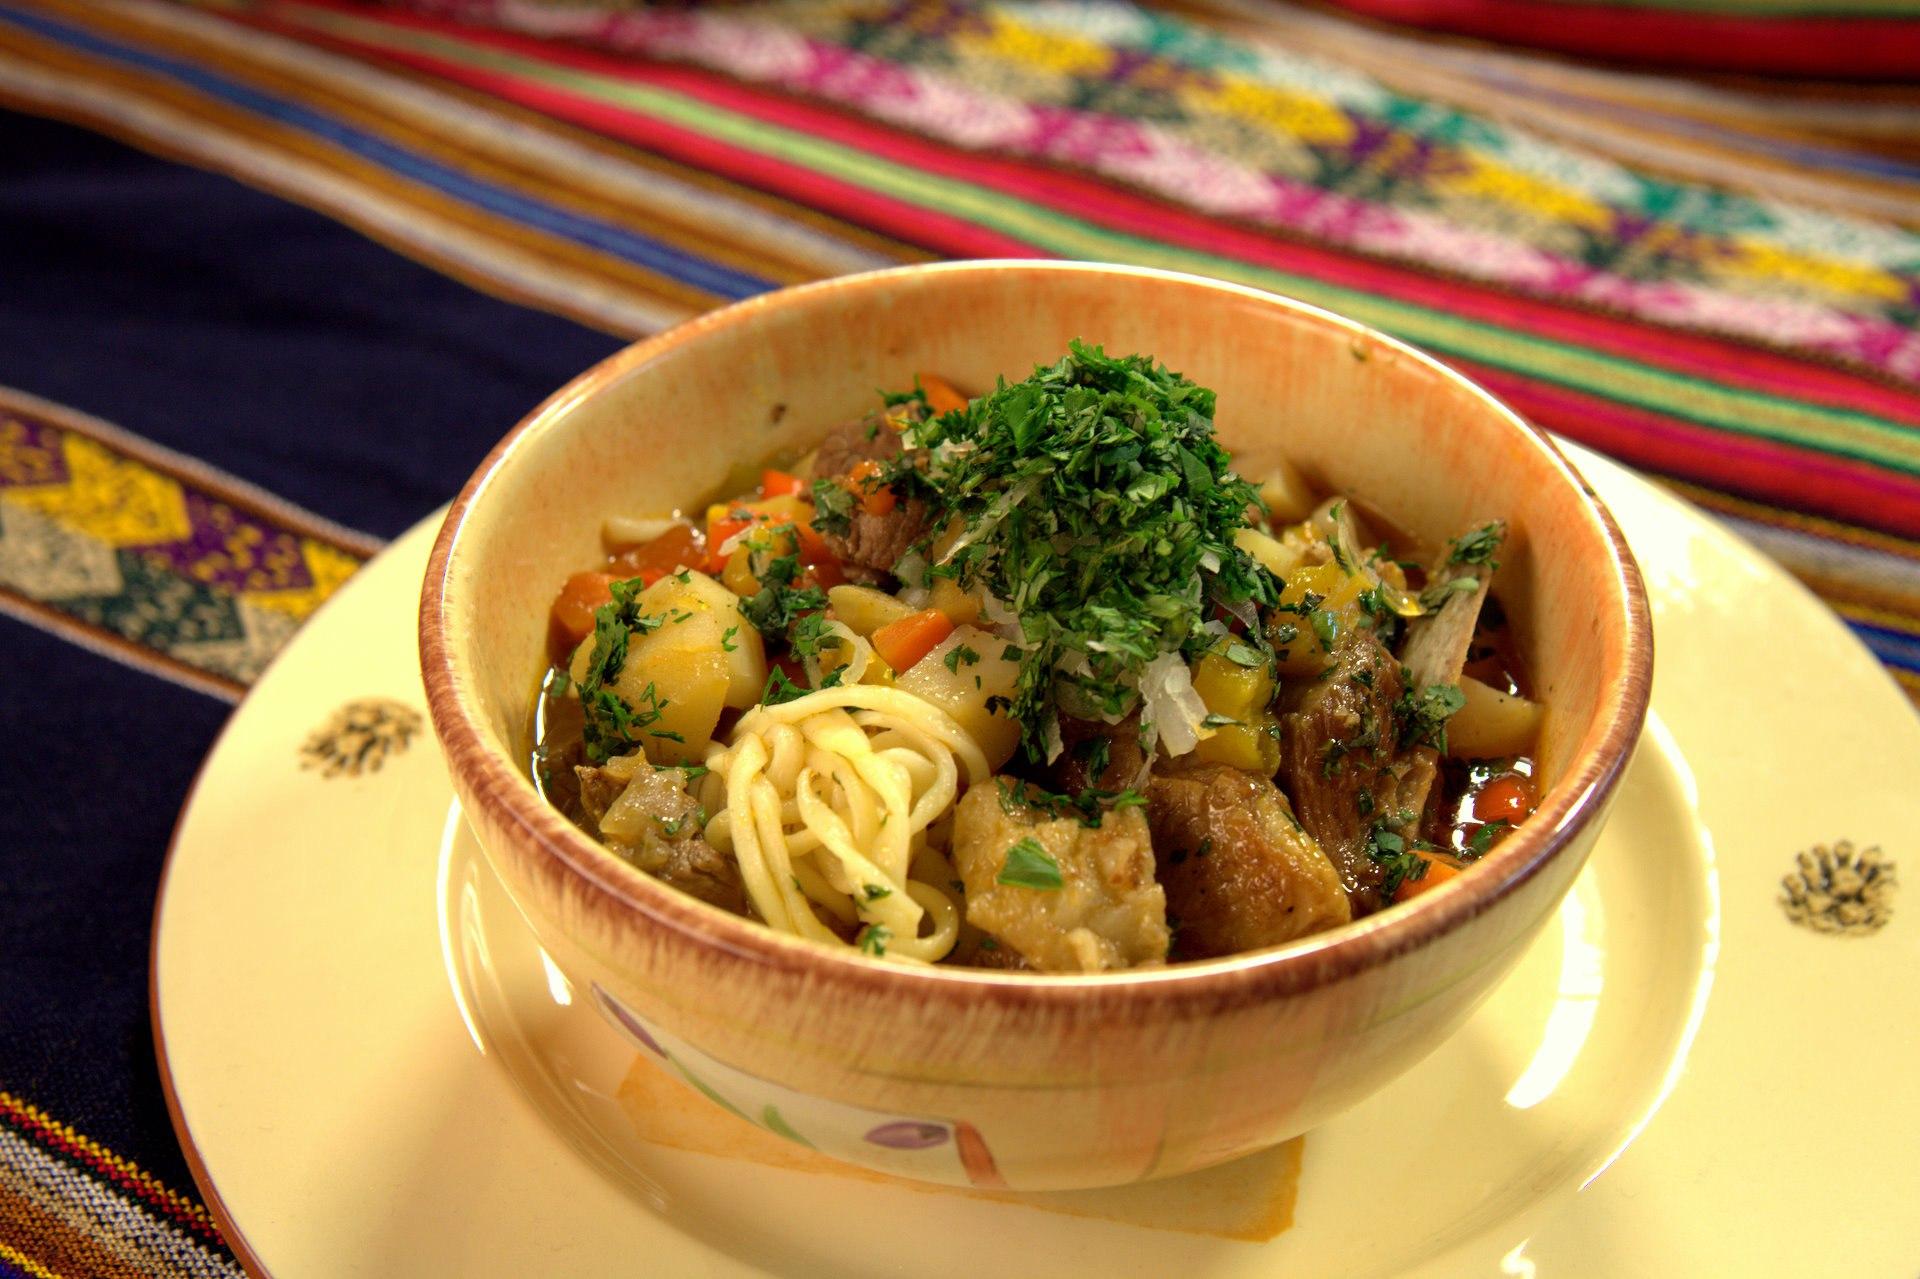 хризантемами можно рецепты узбекской кухни с фото пошагово ребят очень искренняя